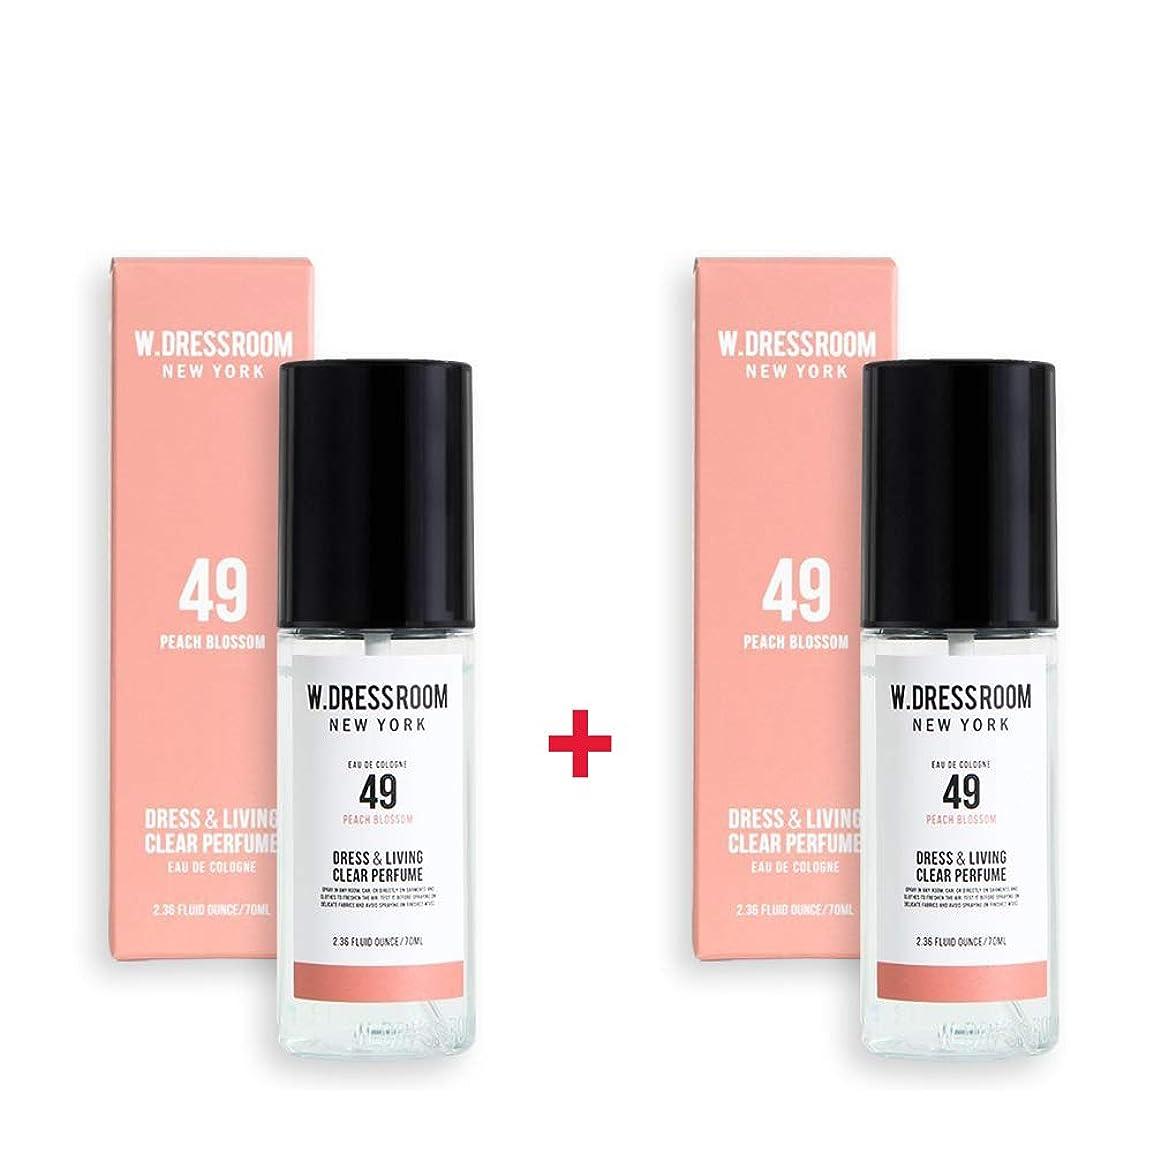 操縦する識別モックW.DRESSROOM Dress & Living Clear Perfume 70ml (No 49 Peach Blossom)+(No 49 Peach Blossom)